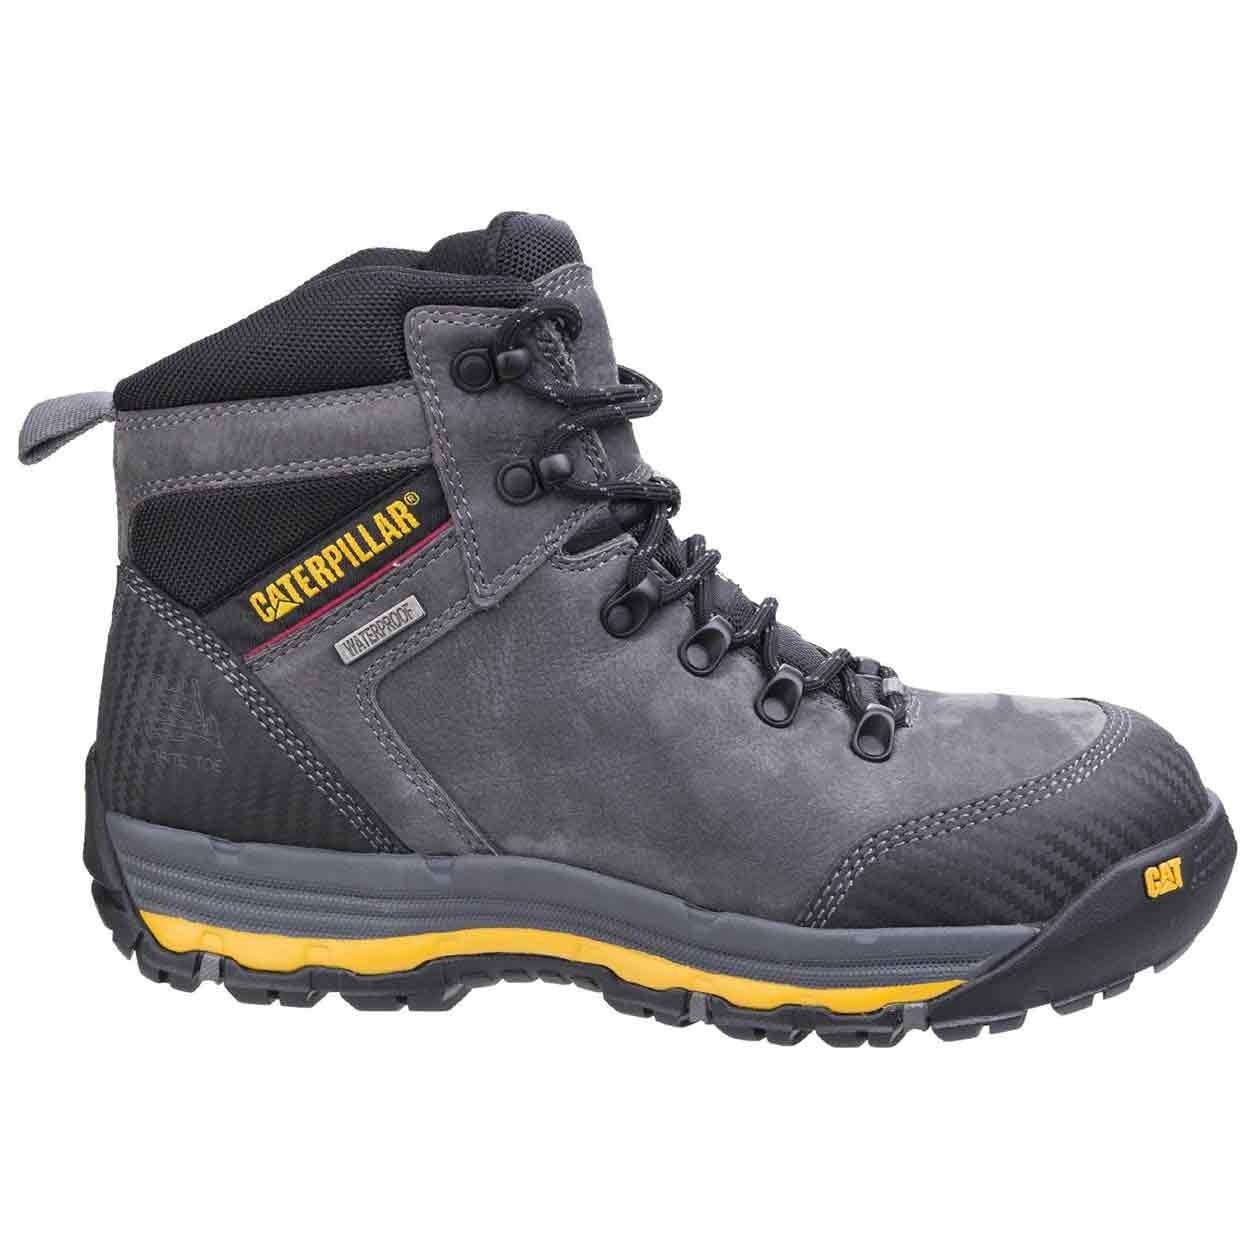 na wyprzedaży w magazynie najniższa zniżka Caterpillar Munising - Standard Safety Boots - Mens Safety ...